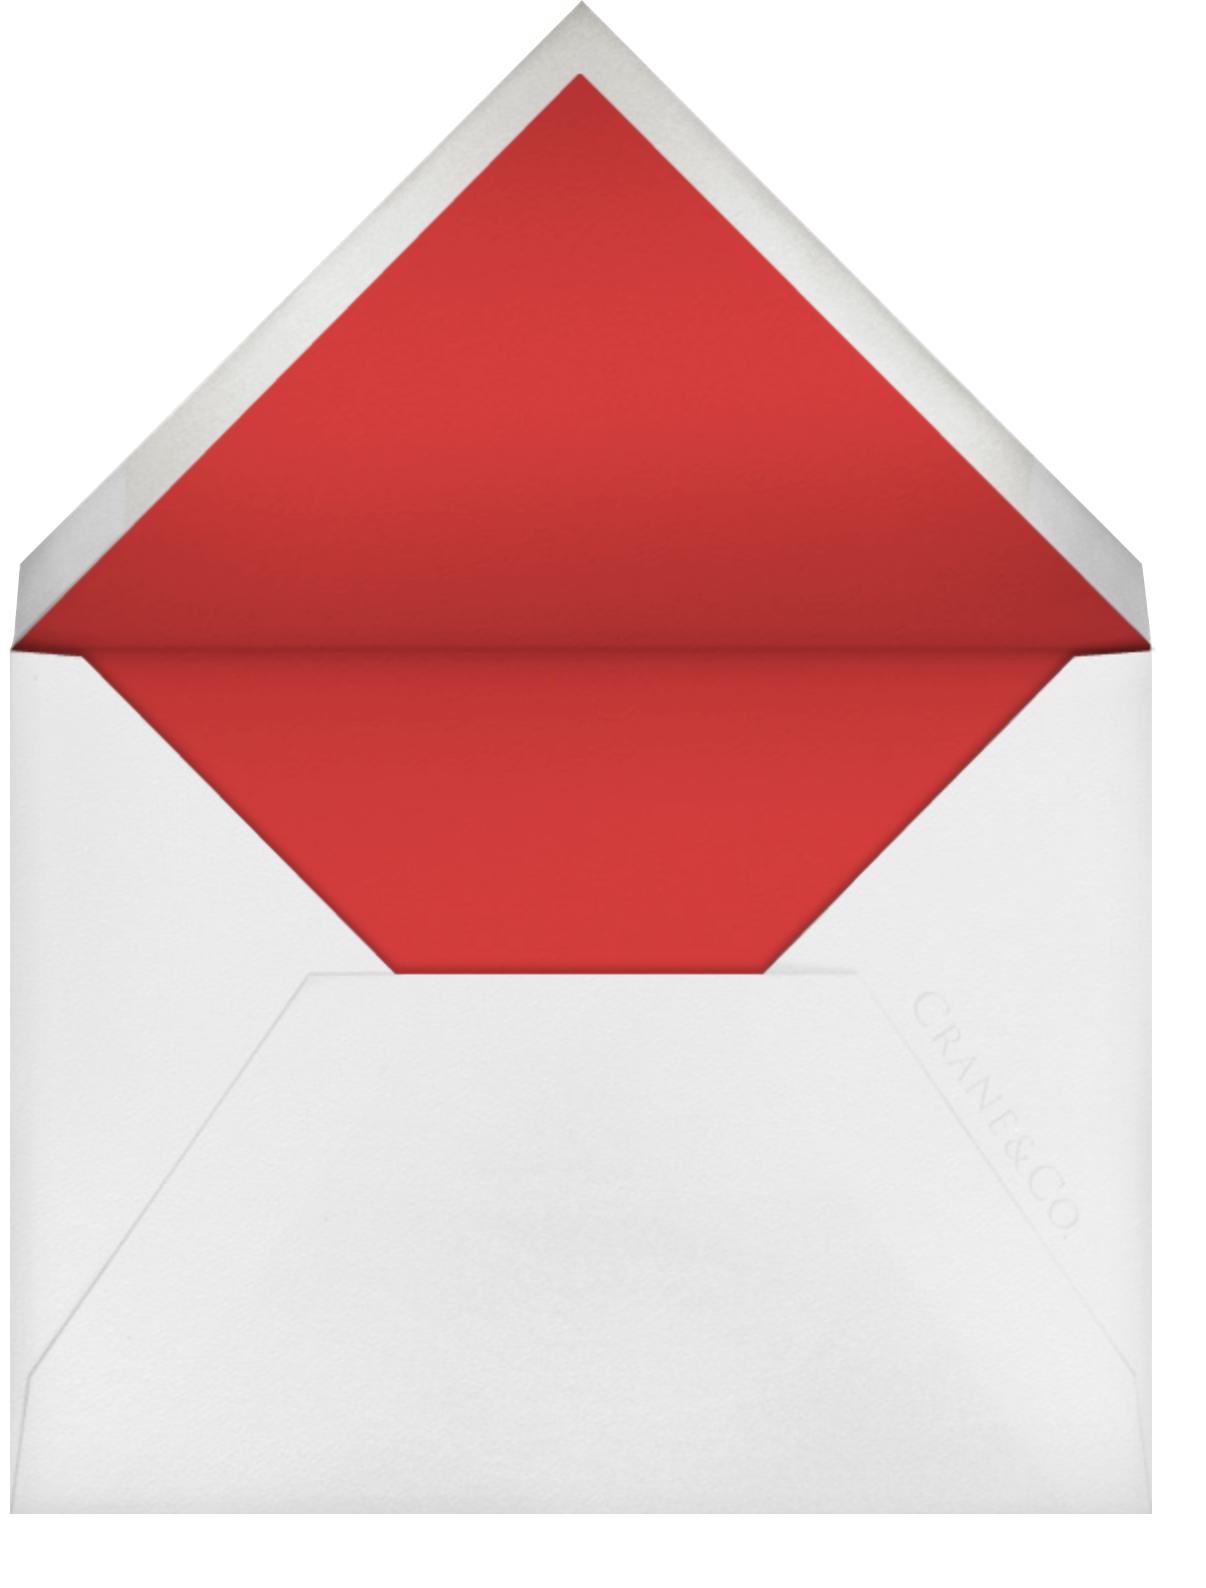 Tie the Knot - Red - Oscar de la Renta - null - envelope back